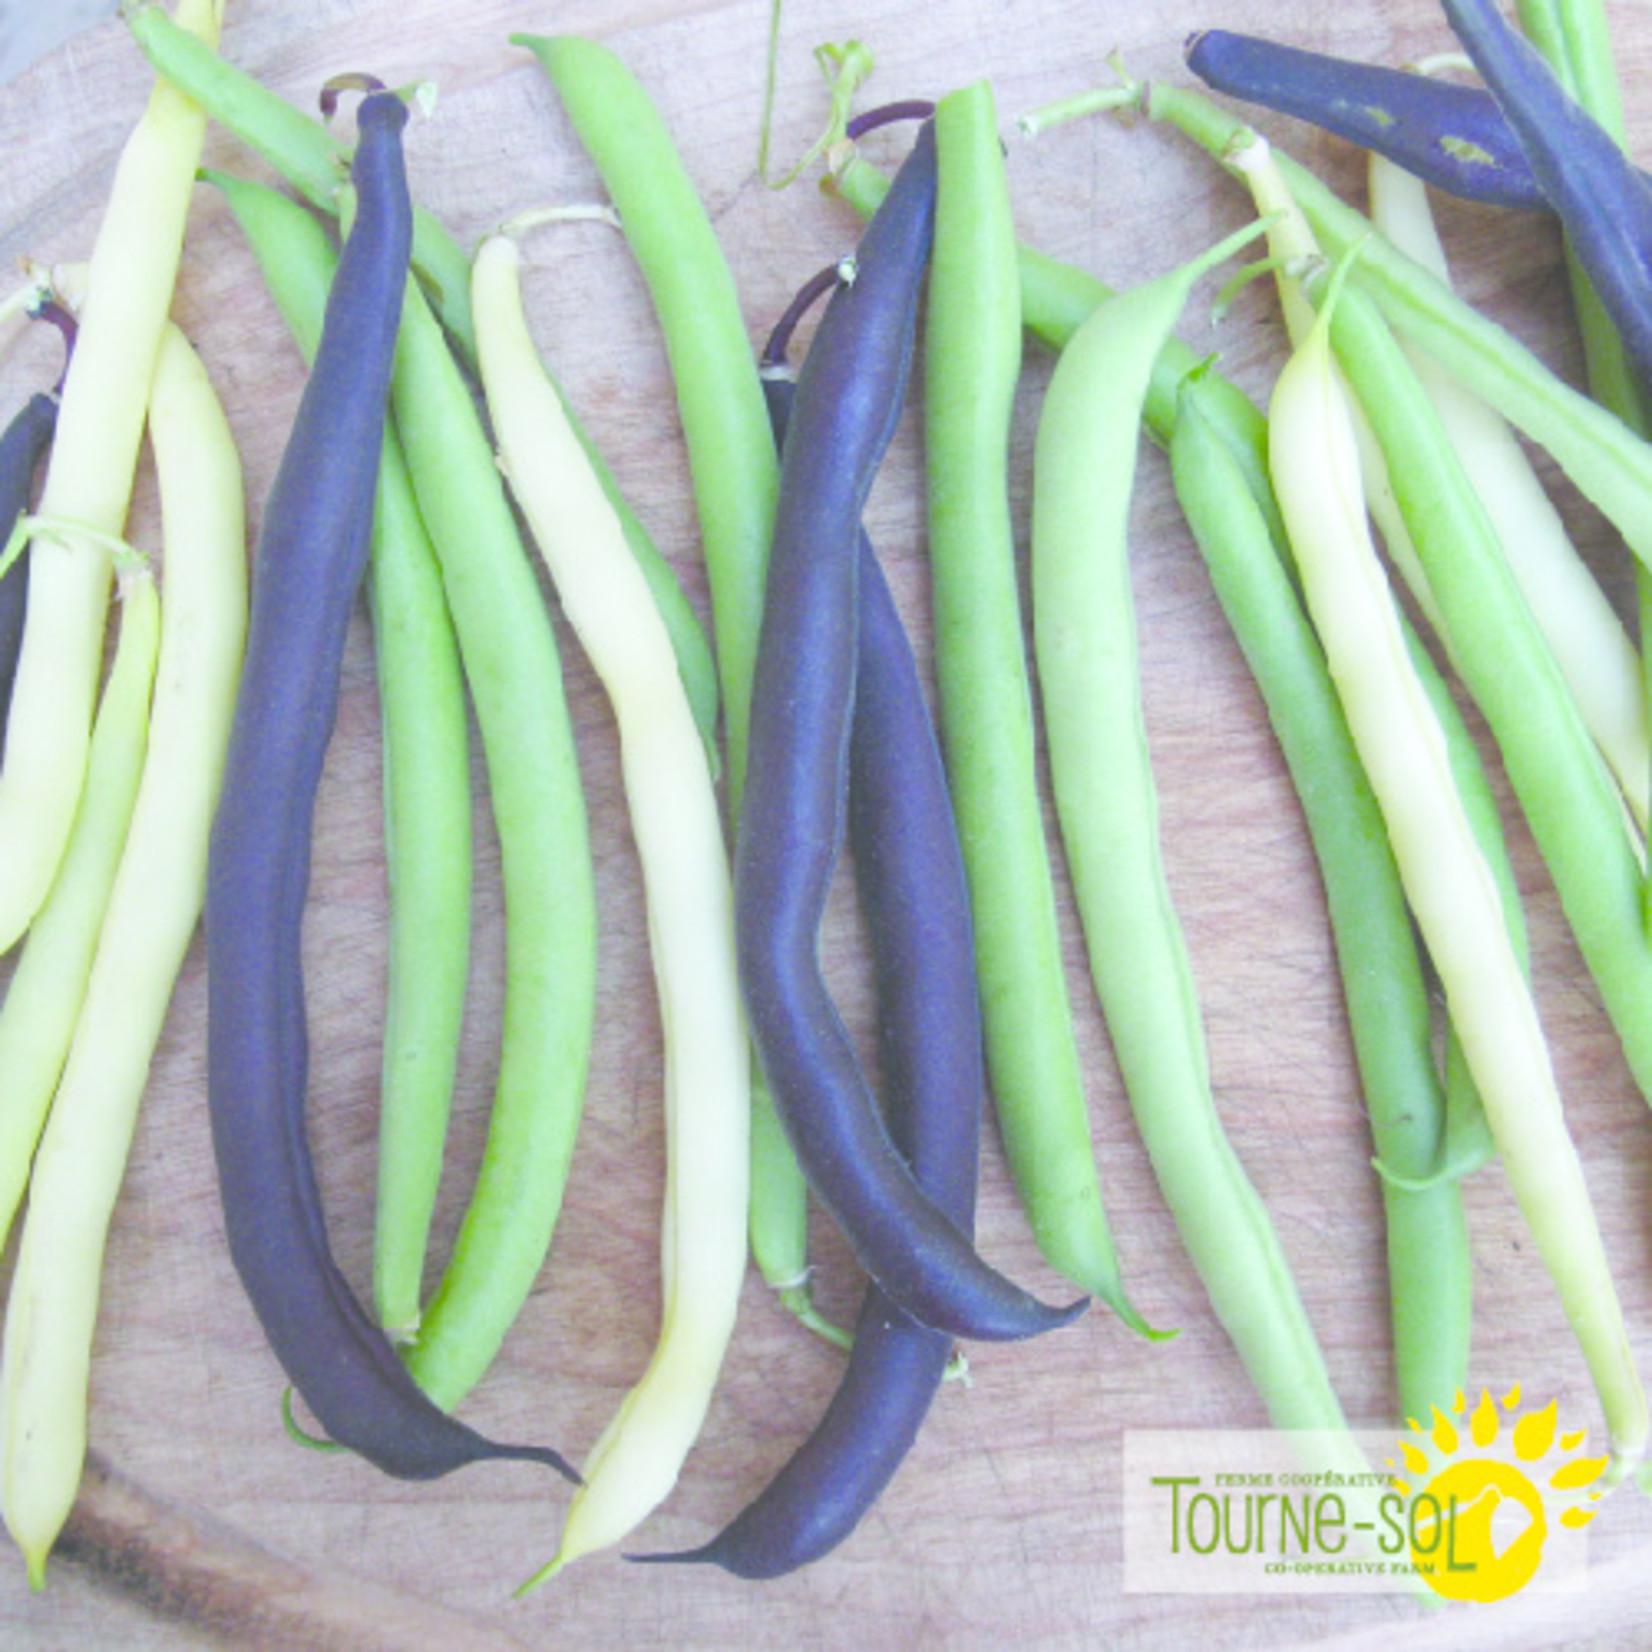 Tourne-Sol Snap bush bean mix